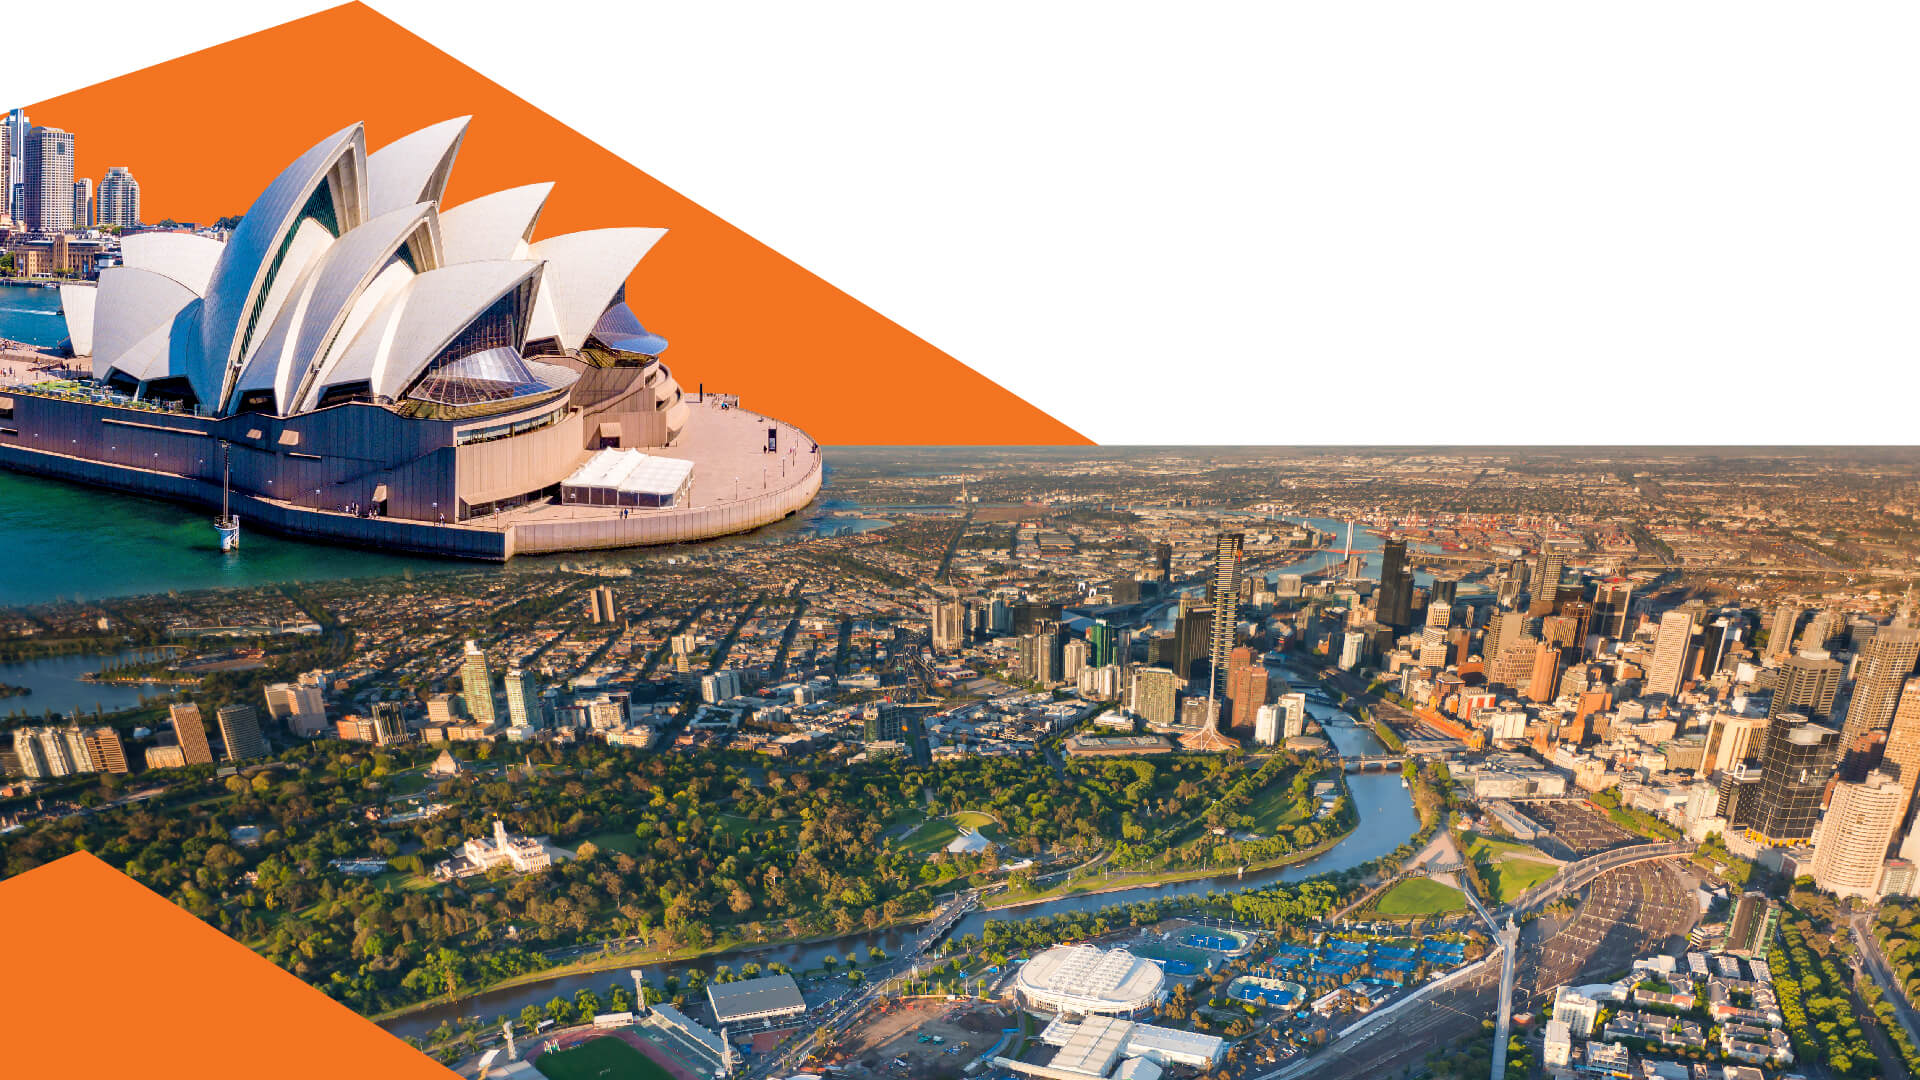 Đầu tư bất động sản Úc  Giá giảm 15-20% trong mùa Covid